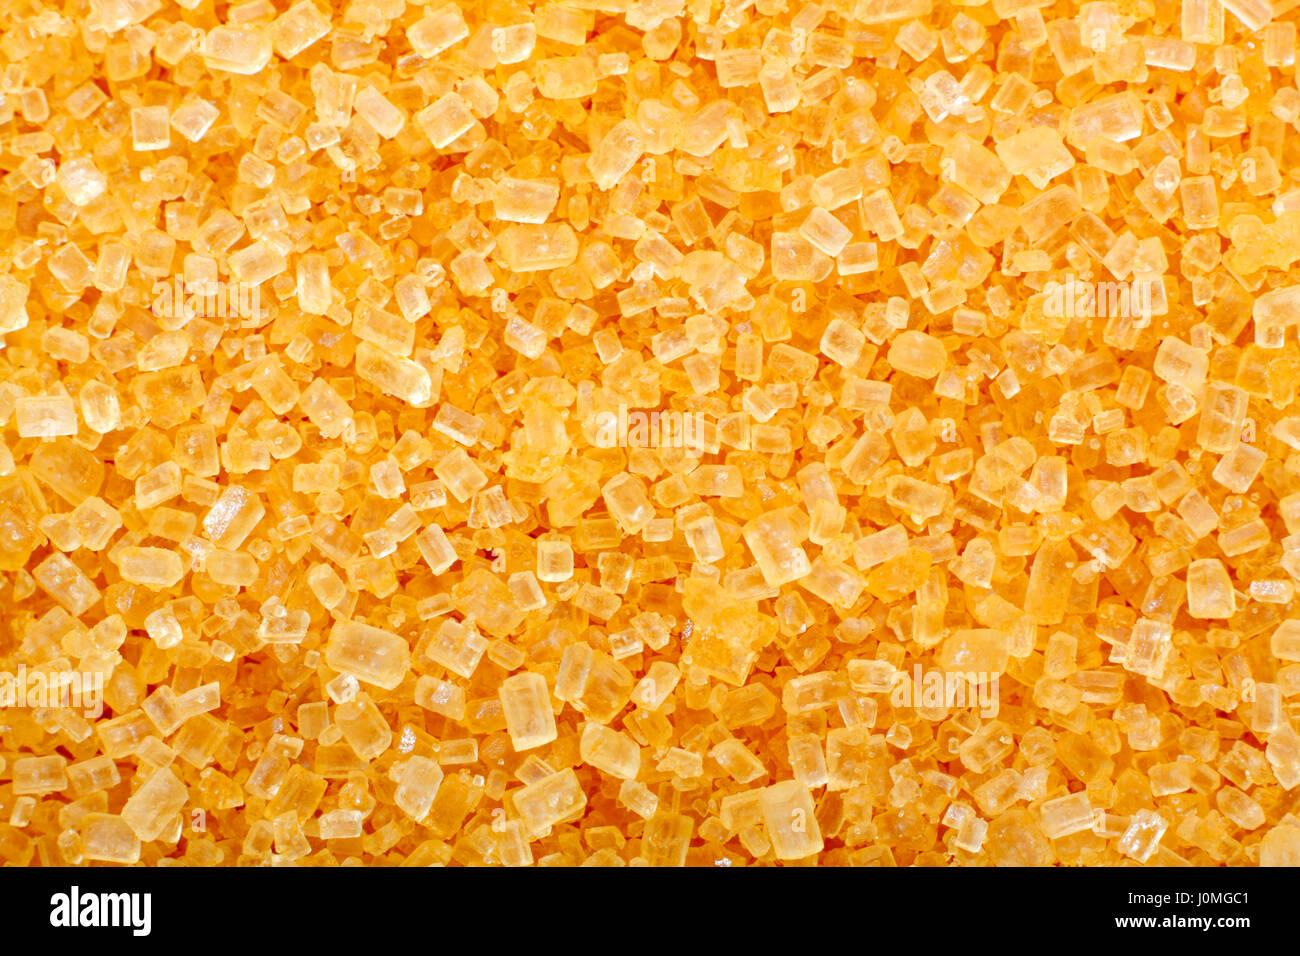 Sugarcane Close Up Imágenes De Stock & Sugarcane Close Up Fotos De ...